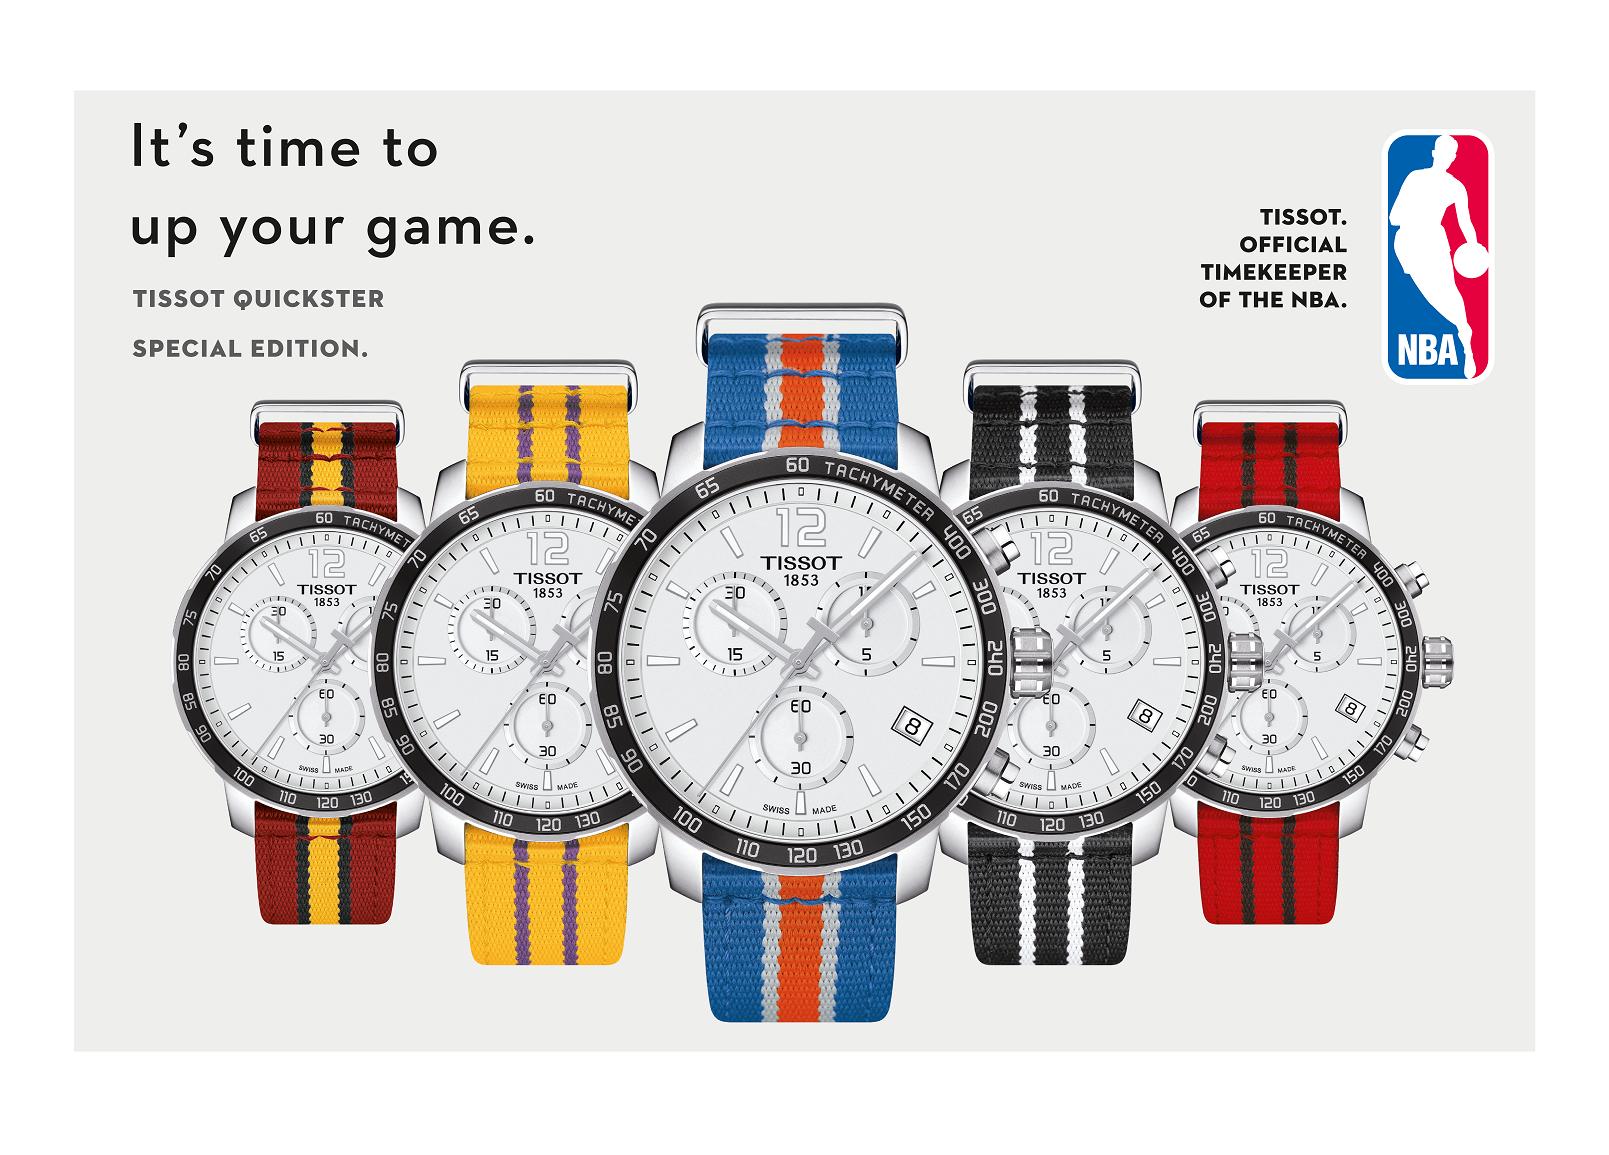 037c99e0f51a Jem® - Tissot Quickster NBA Teams Special Editions